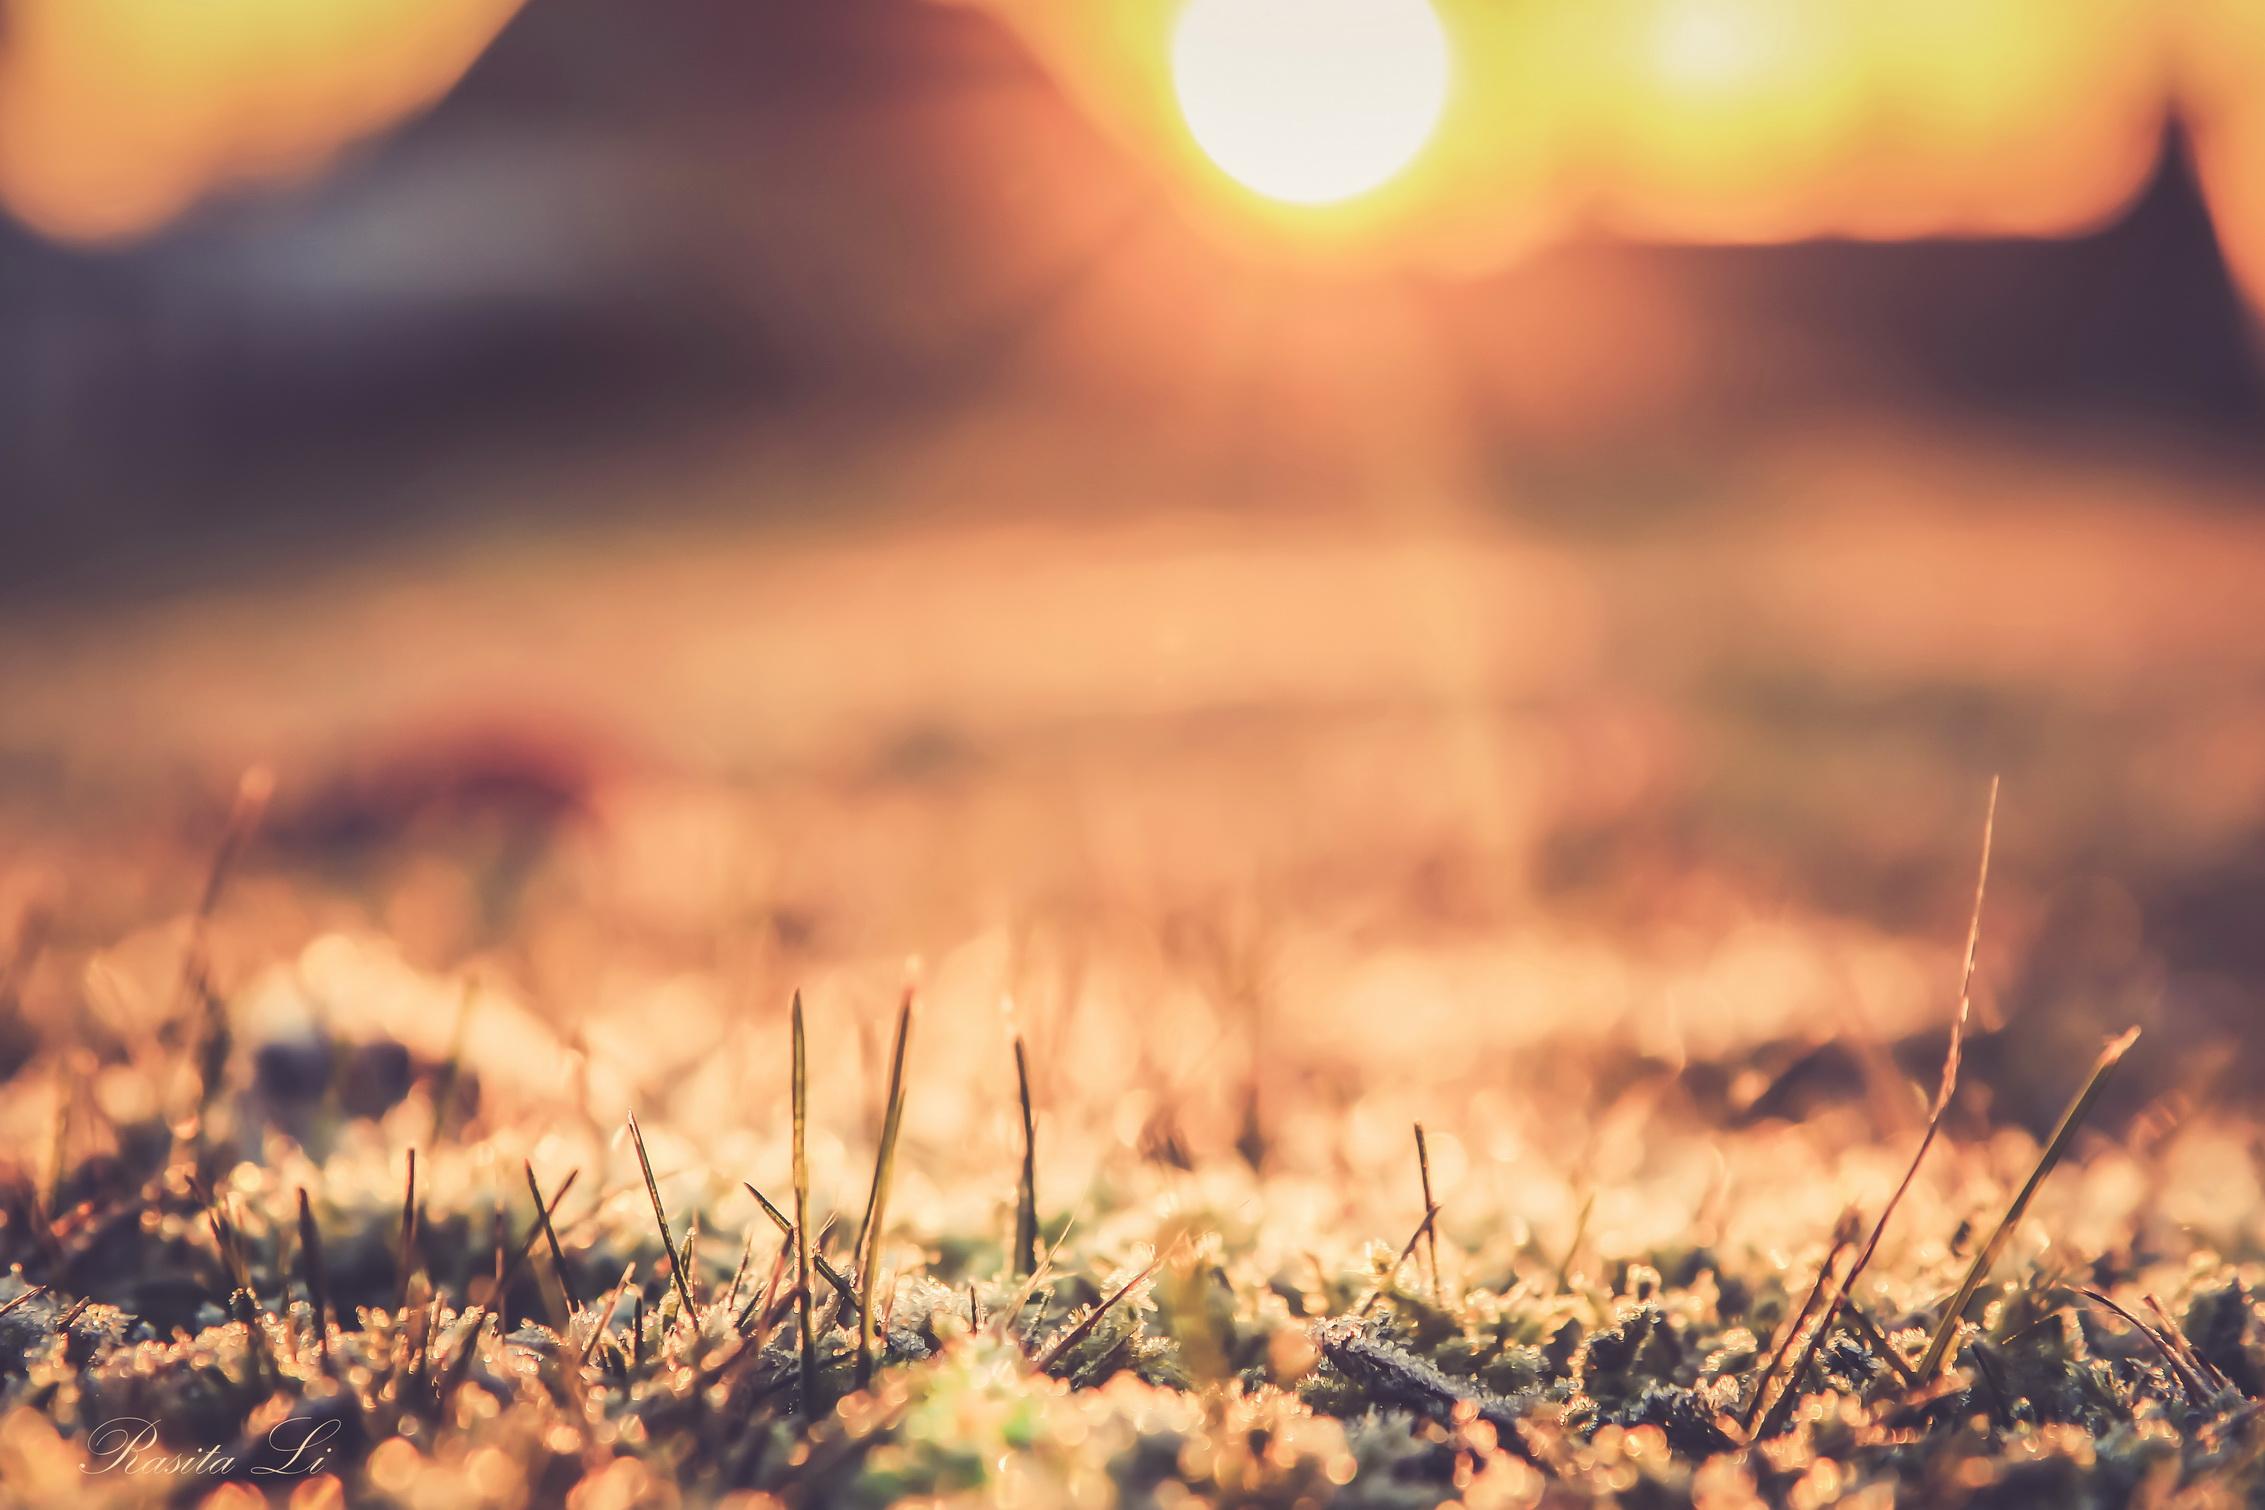 Duok pradžią bet kam ir tai nutiks. Duok pradžią saulės spinduliui arba gruodui. Tikėjimui arba abejonei. Laukimui arba atsisveikinimui. Duok pradžią...